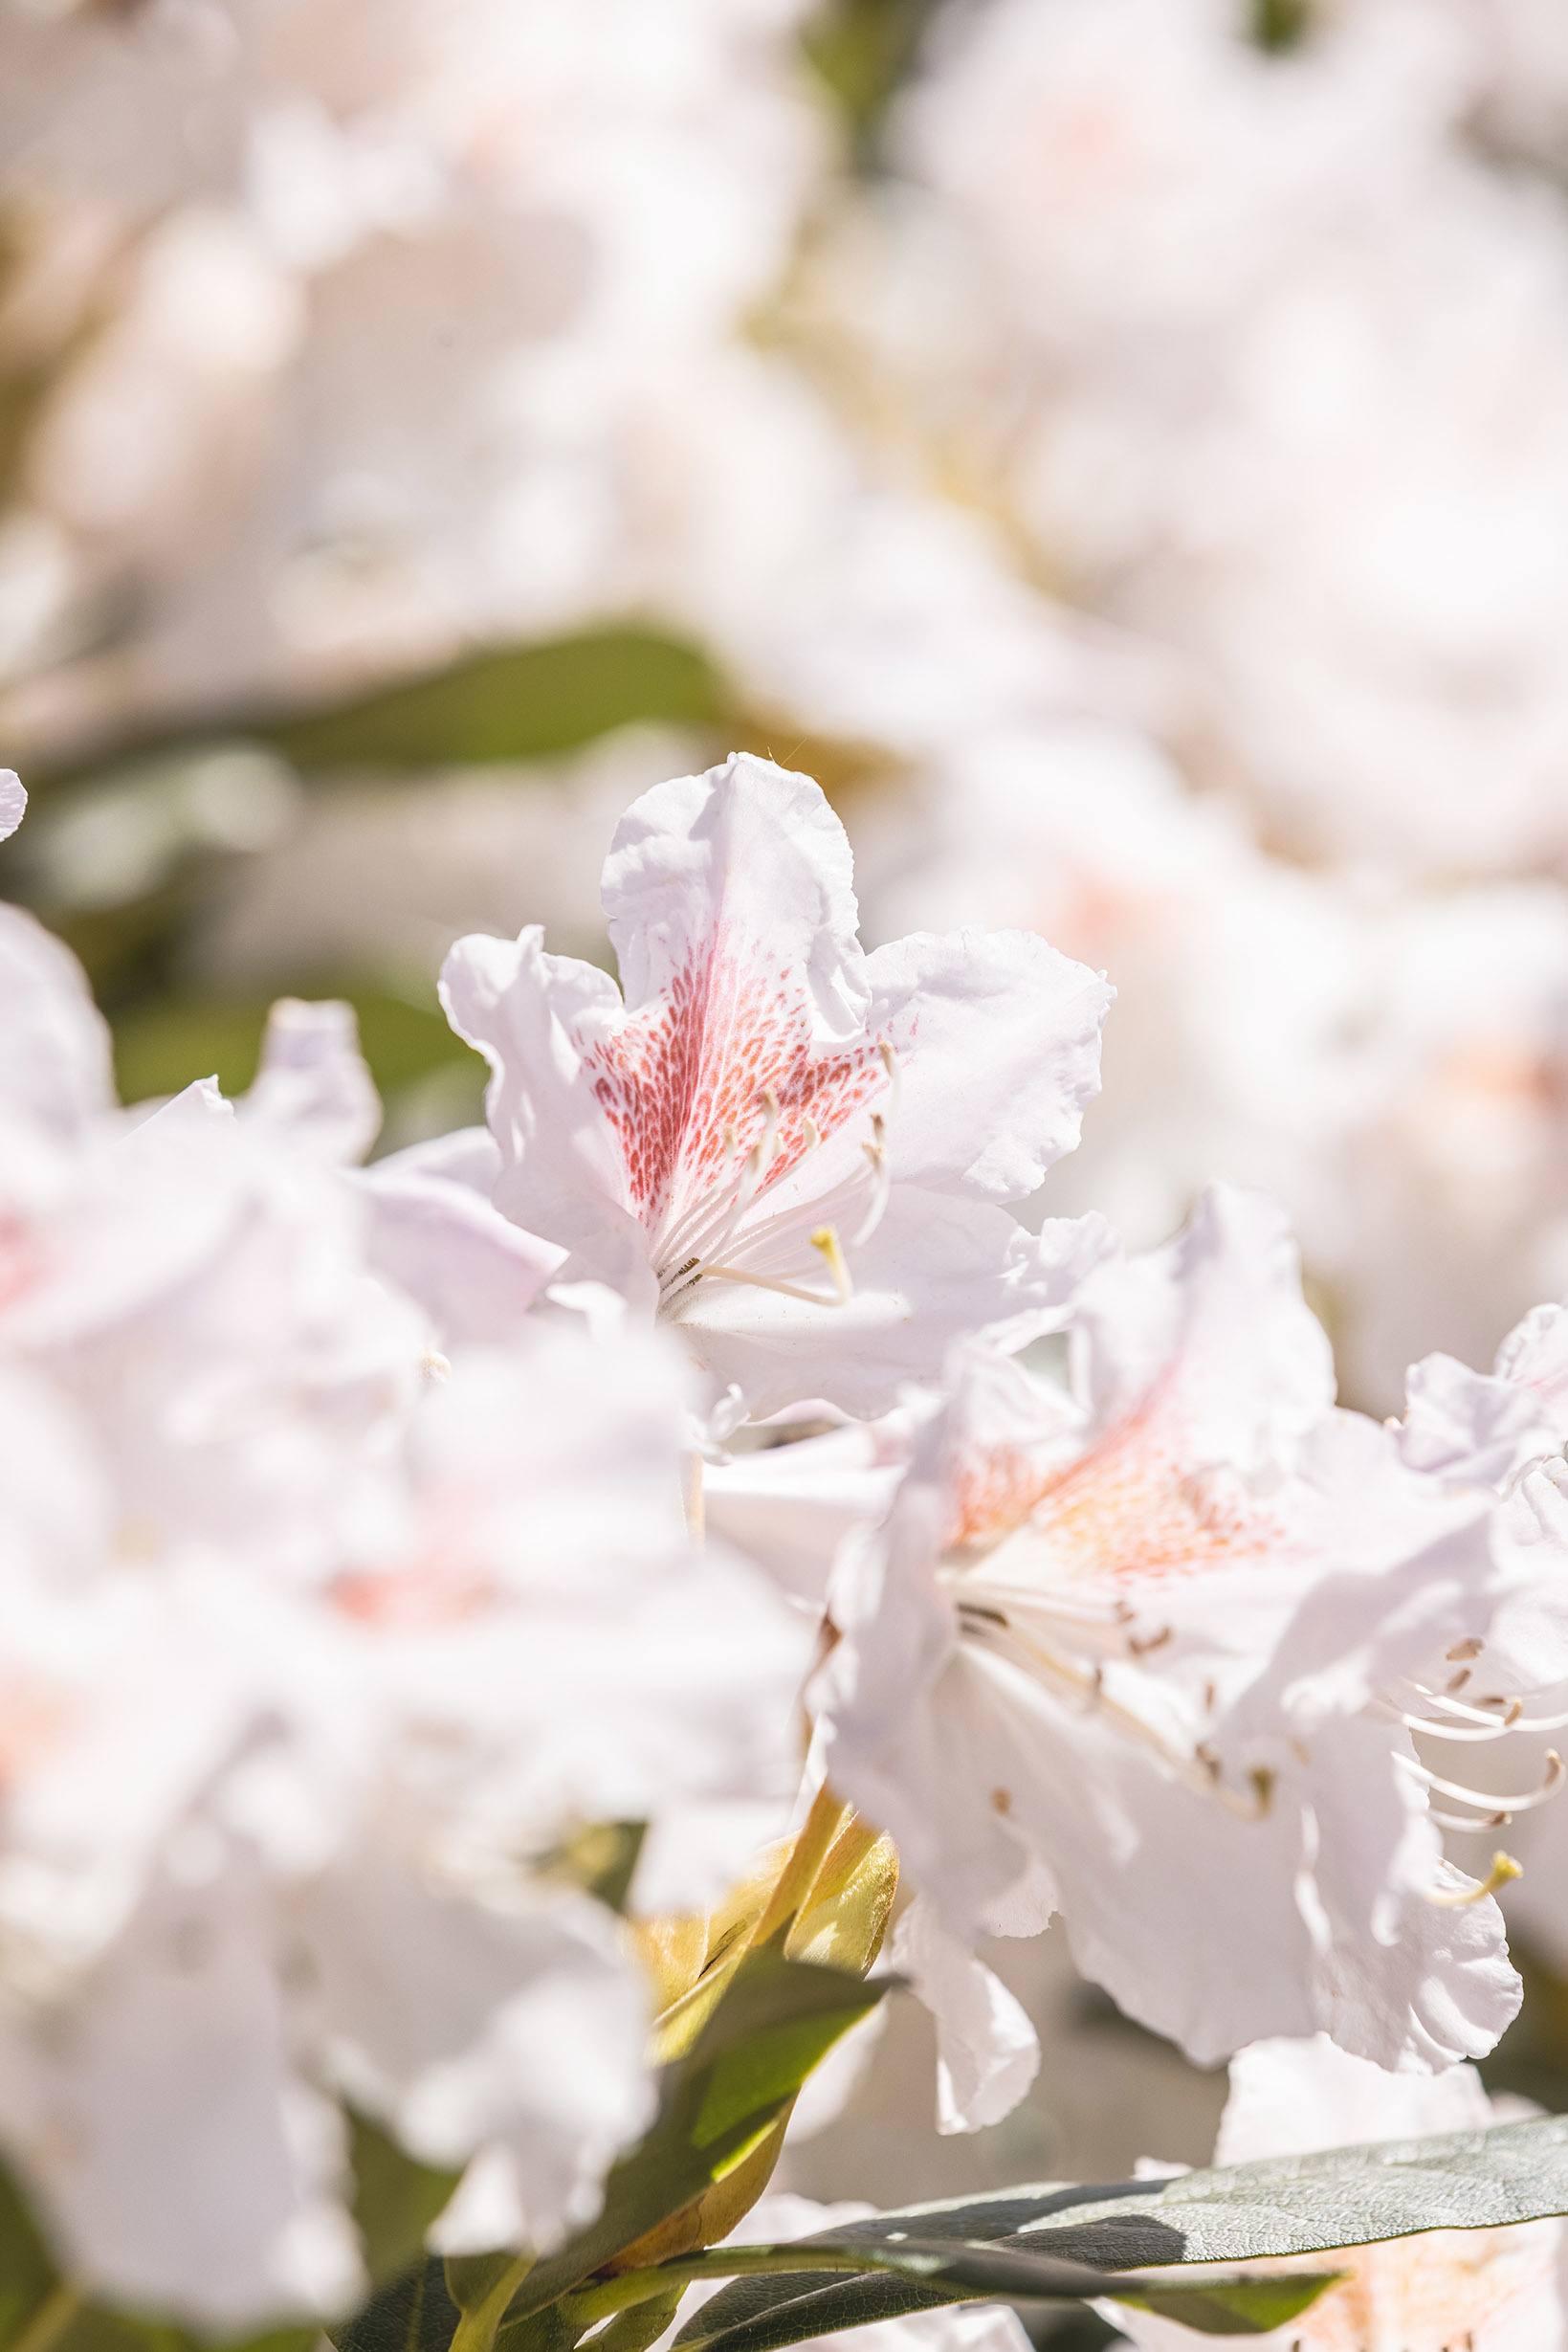 Närbild på en vit blomma med inslag av rosa